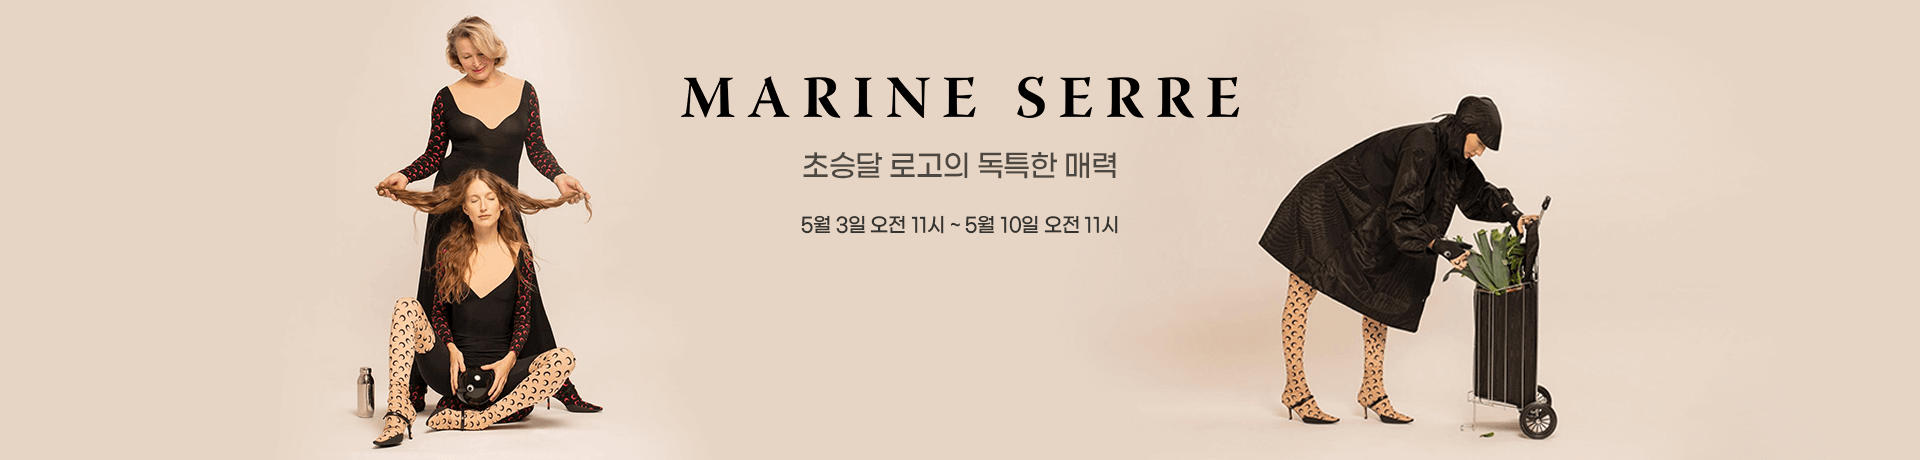 210503_sy_marine-serre_pc_e6d5c5